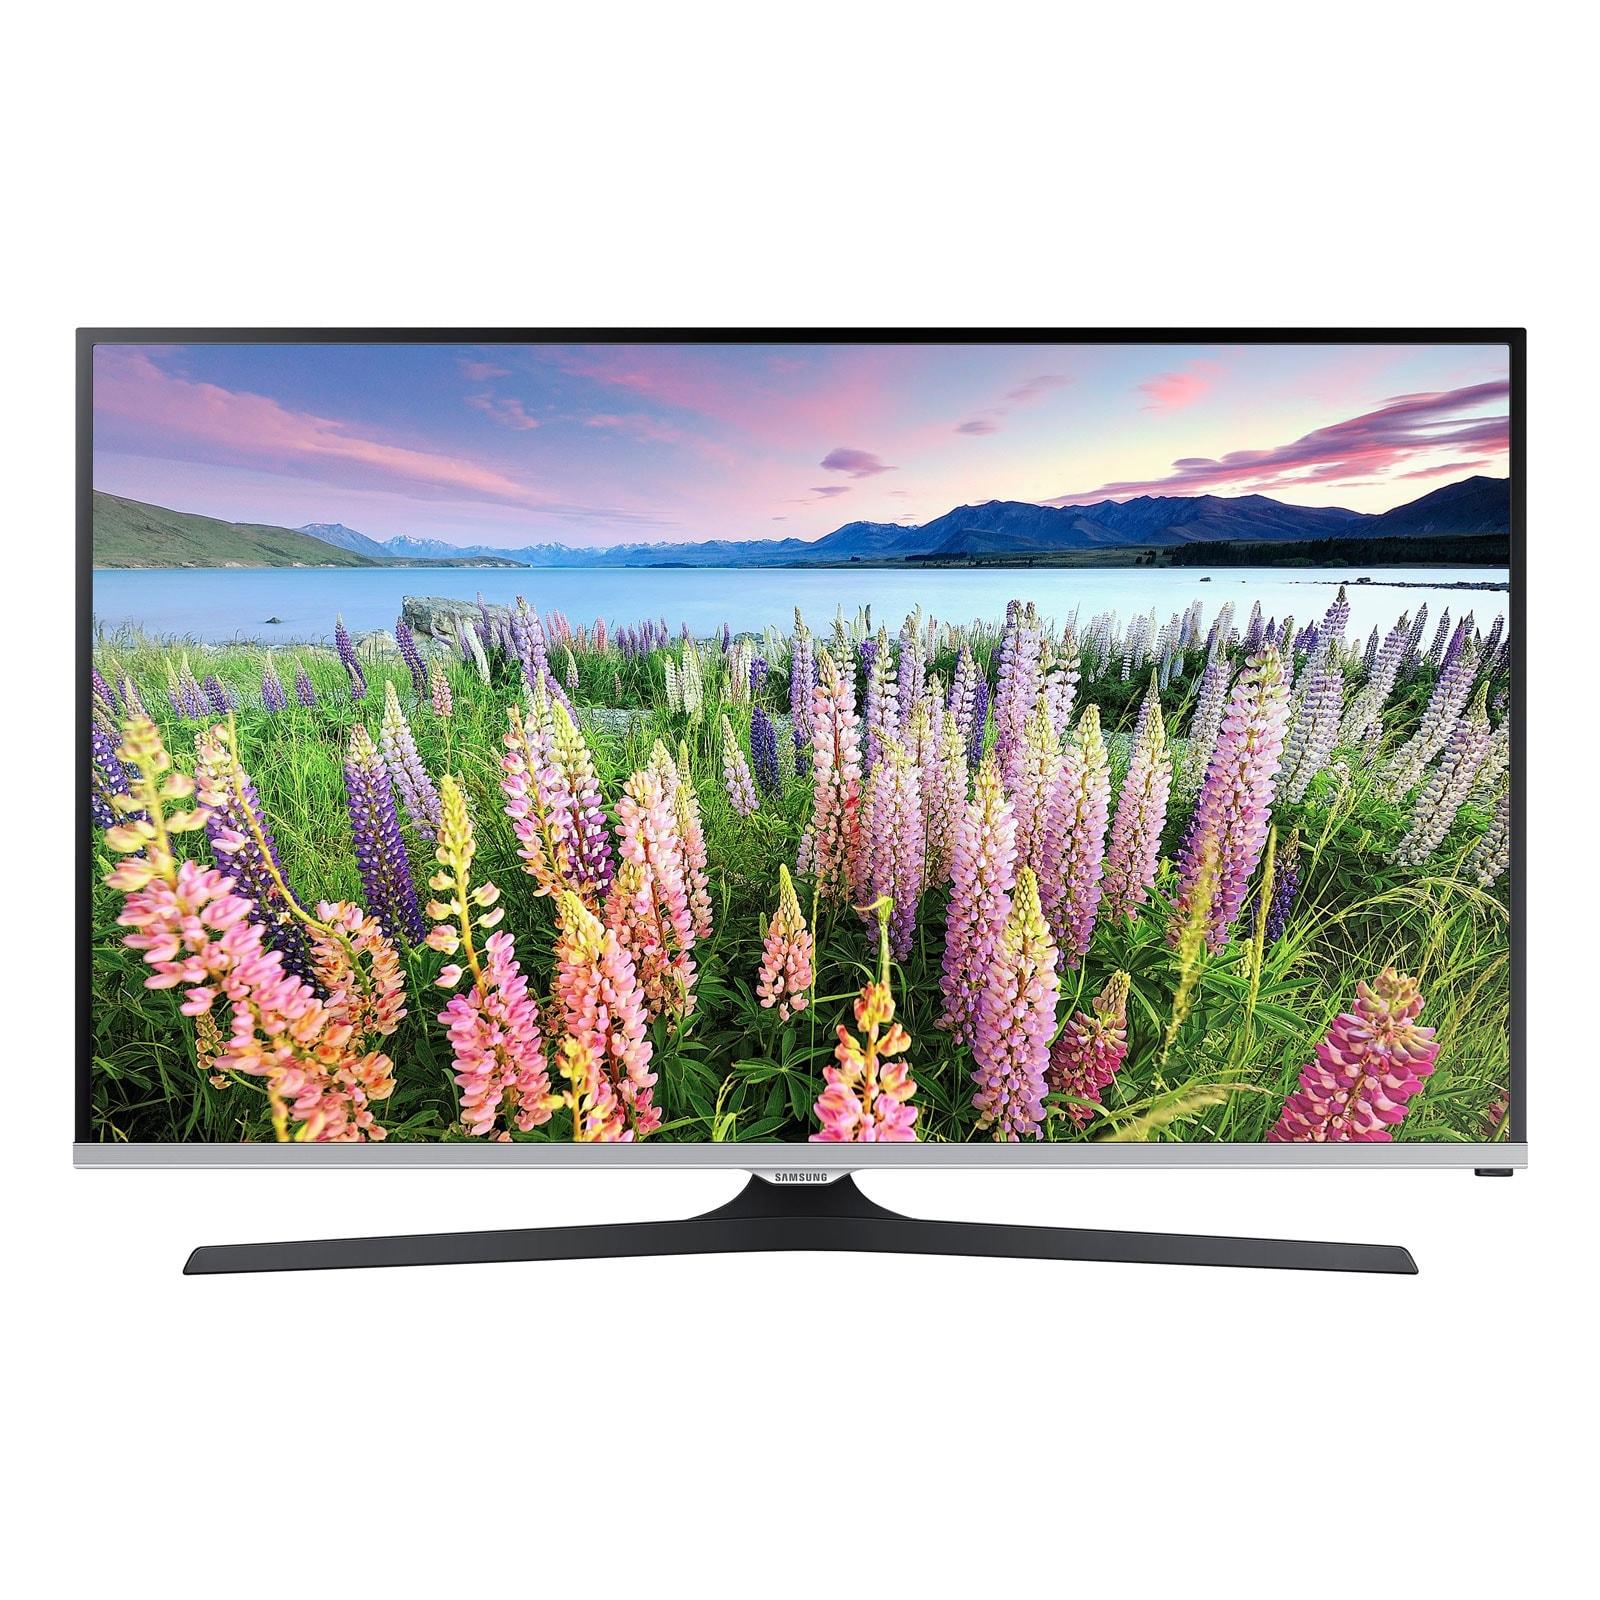 """Samsung UE32J5100 - 32"""" (80cm) LED HDTV 1080p - TV Samsung - 0"""